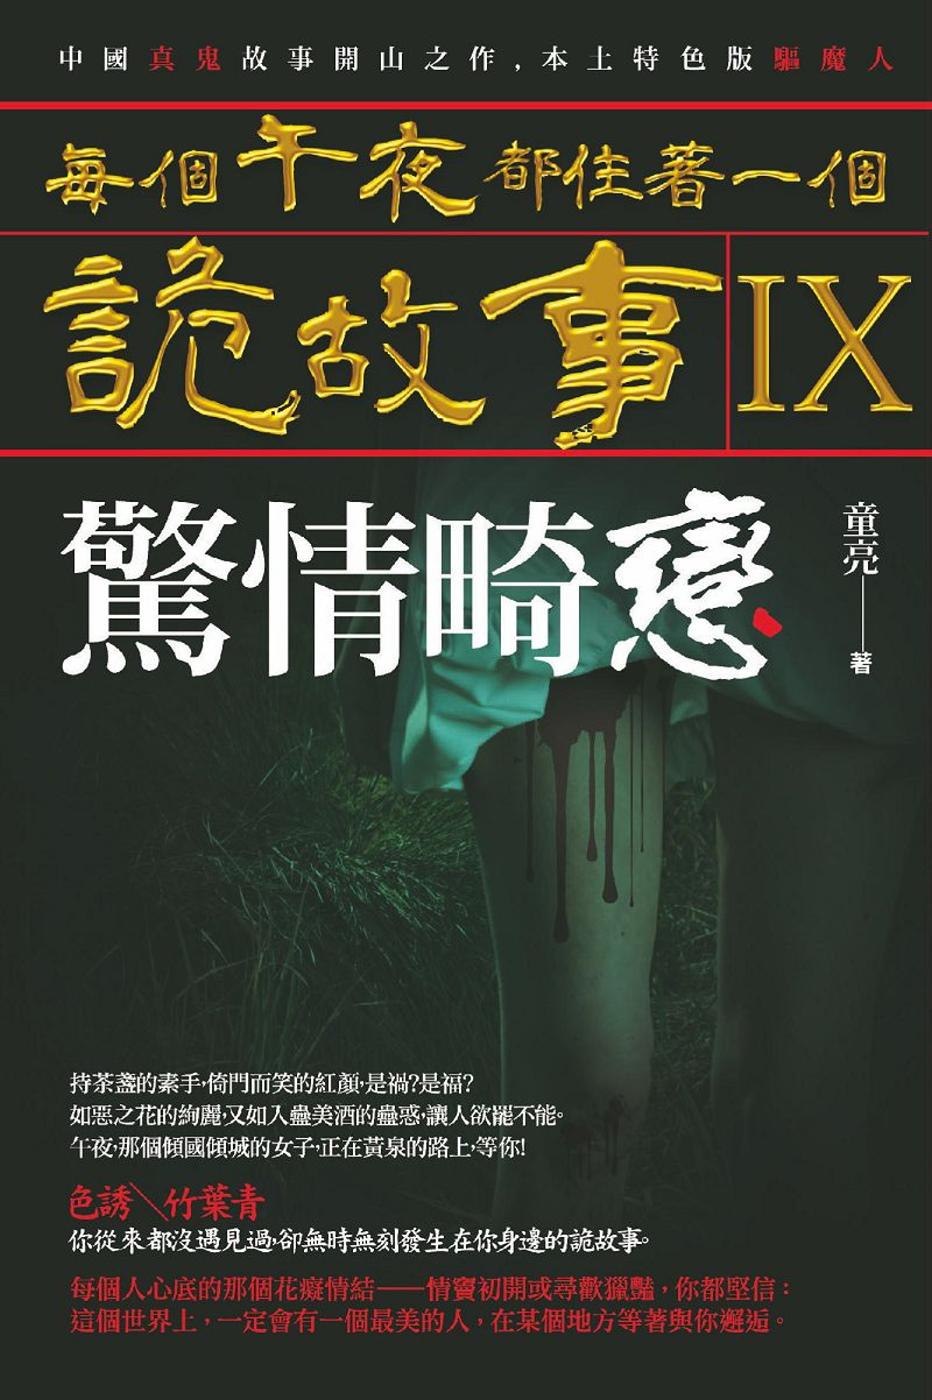 每個午夜都住著一個詭故事IX:驚情畸戀